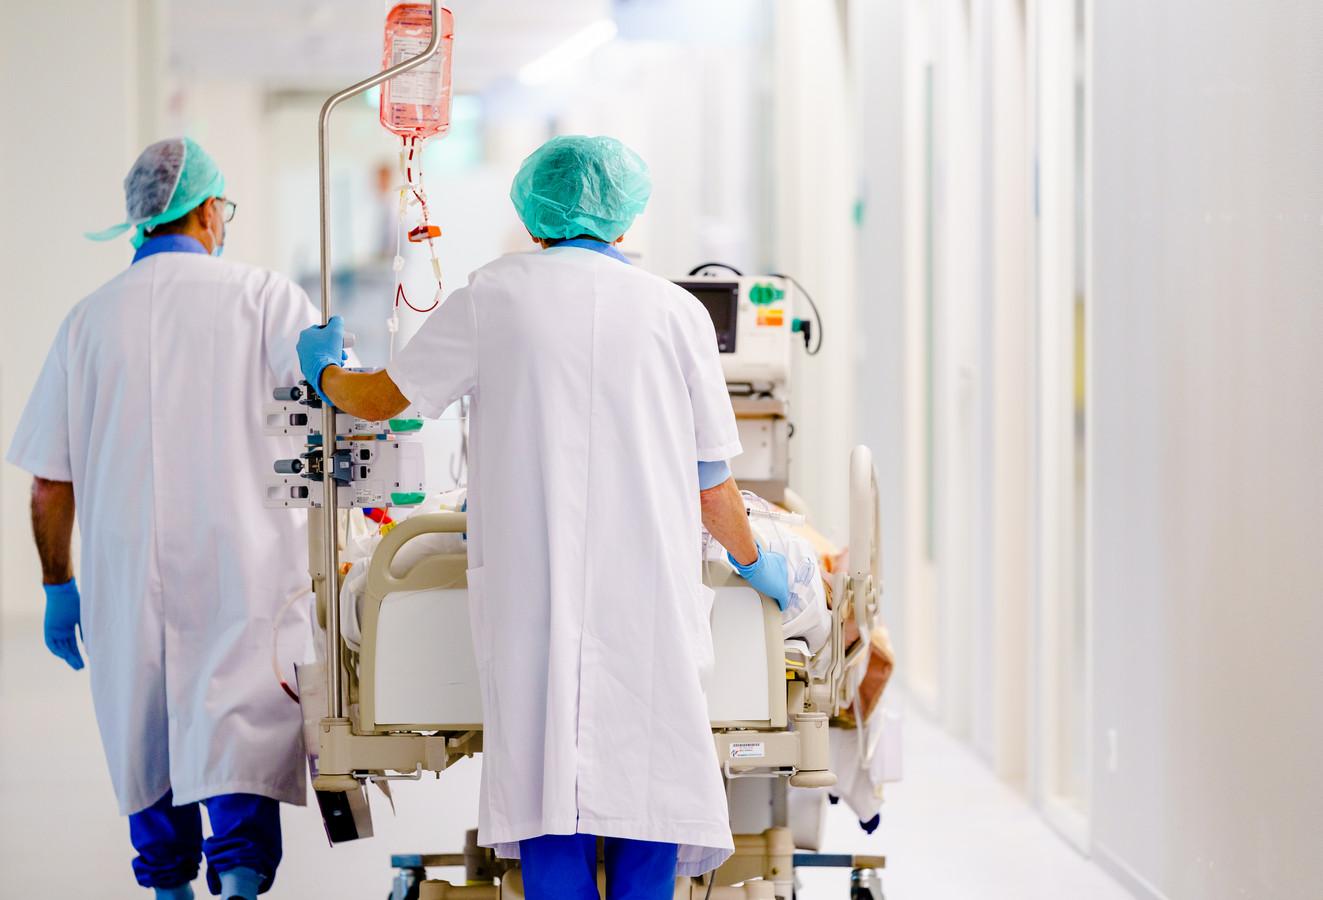 Medewerkers op de intensivecareafdeling.